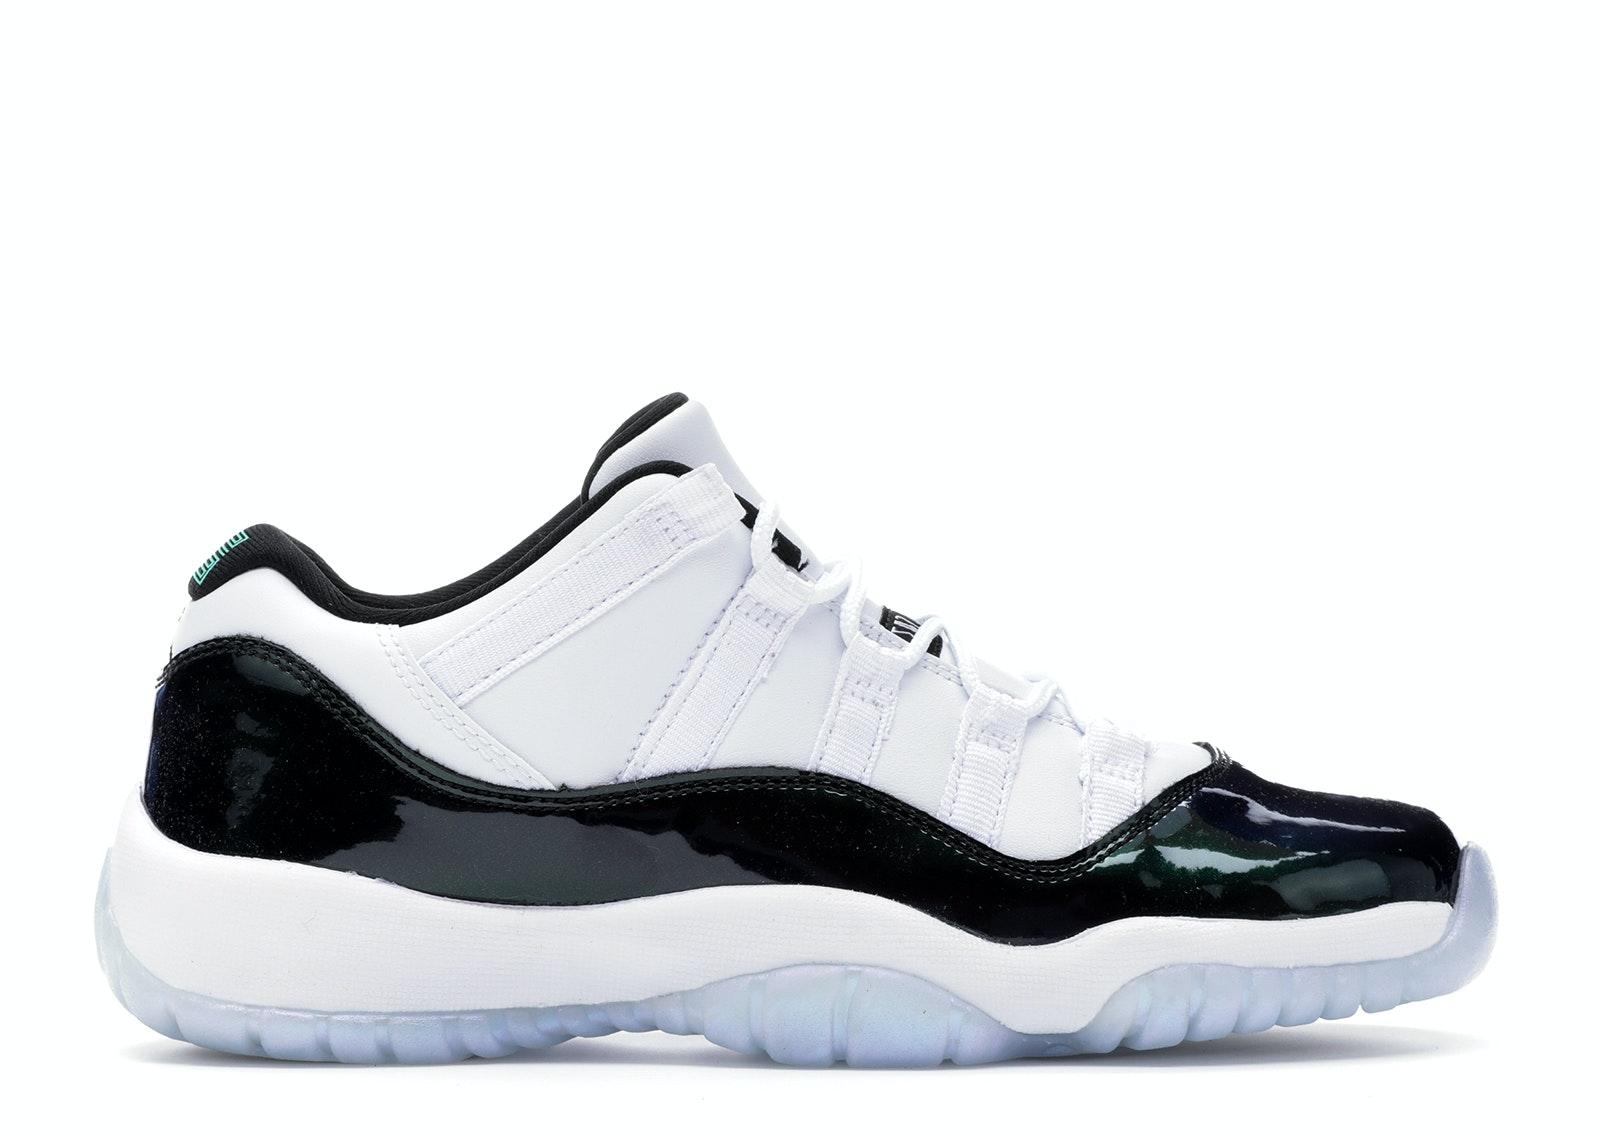 Jordan 11 Retro Low Iridescent (GS)